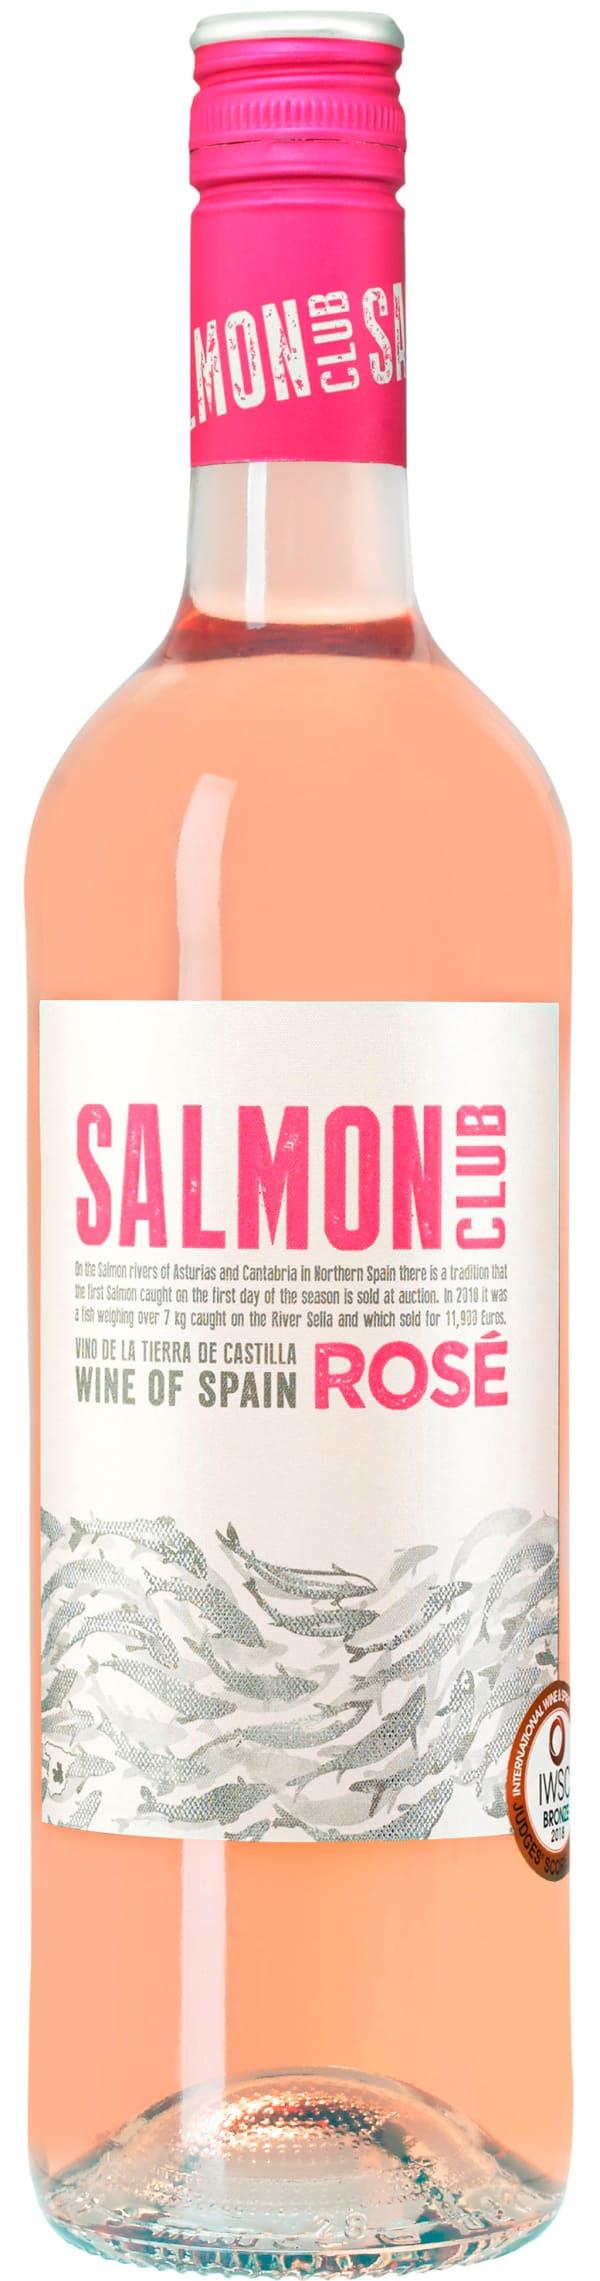 Salmon Club Rosé 2018